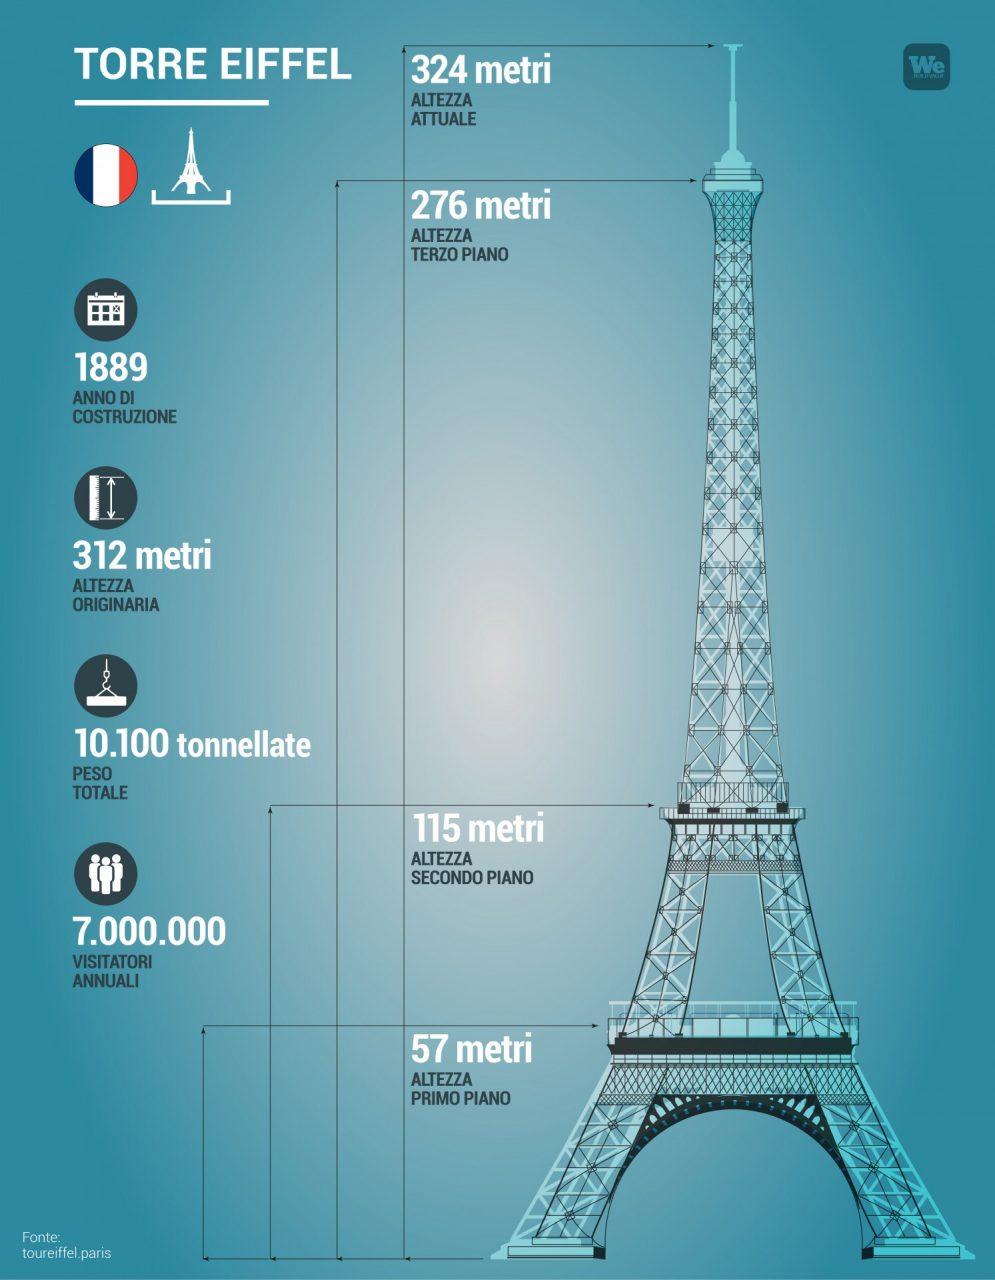 Infografica della Tour Eiffel con anno di costruzione, altezza e altre info